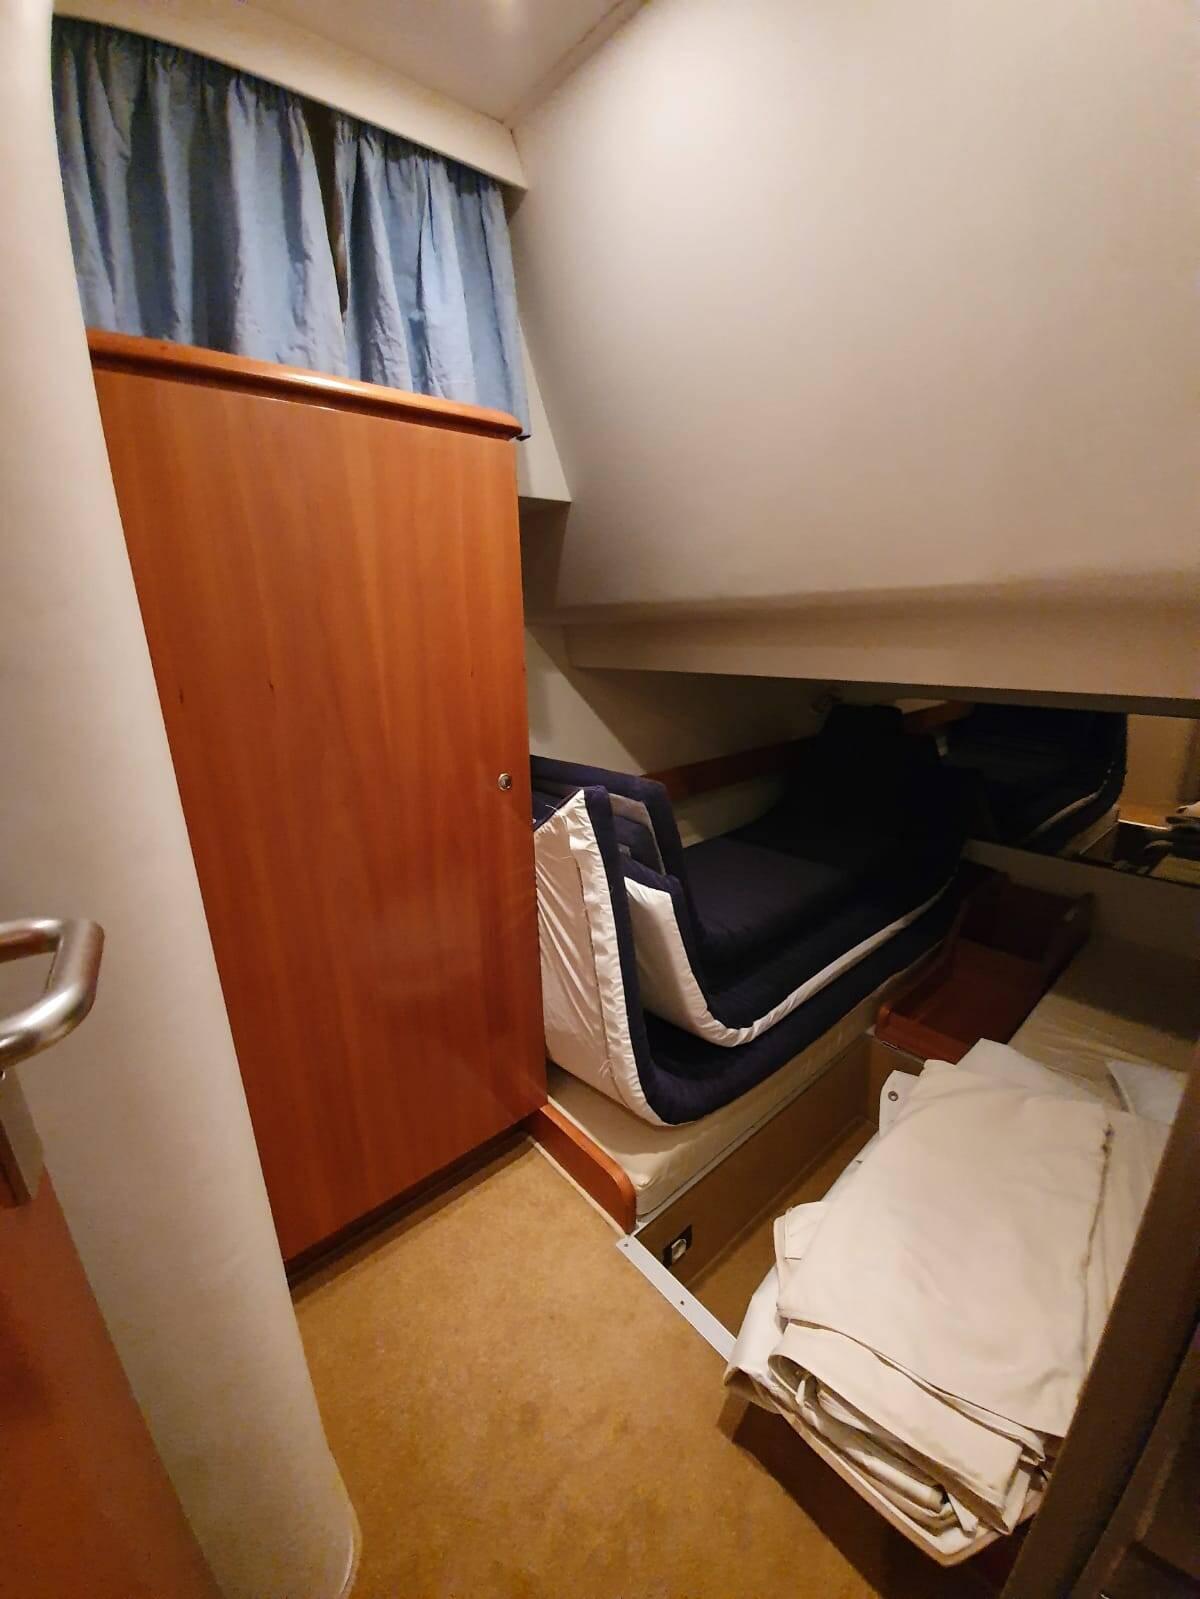 cabin 2 Rodman Motor Yacht For Sale Barcelona Spain